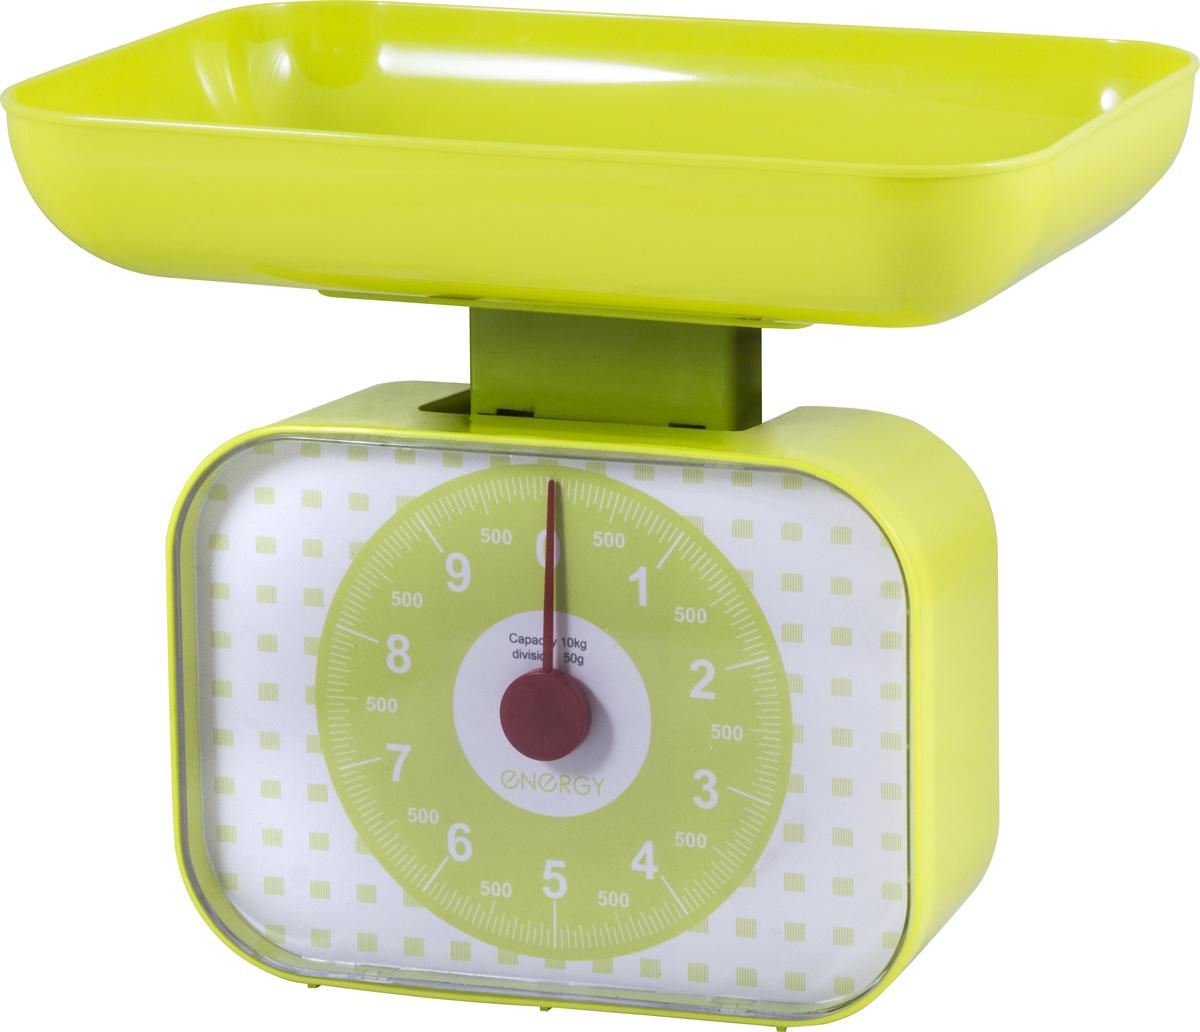 Energy EN-410МК, Olive White кухонные весы159746Максимальная нагрузка: 10 кг Надежный механизм Чаша квадратной формы Простой и быстрый способ проверить вес продуктов и других товаров